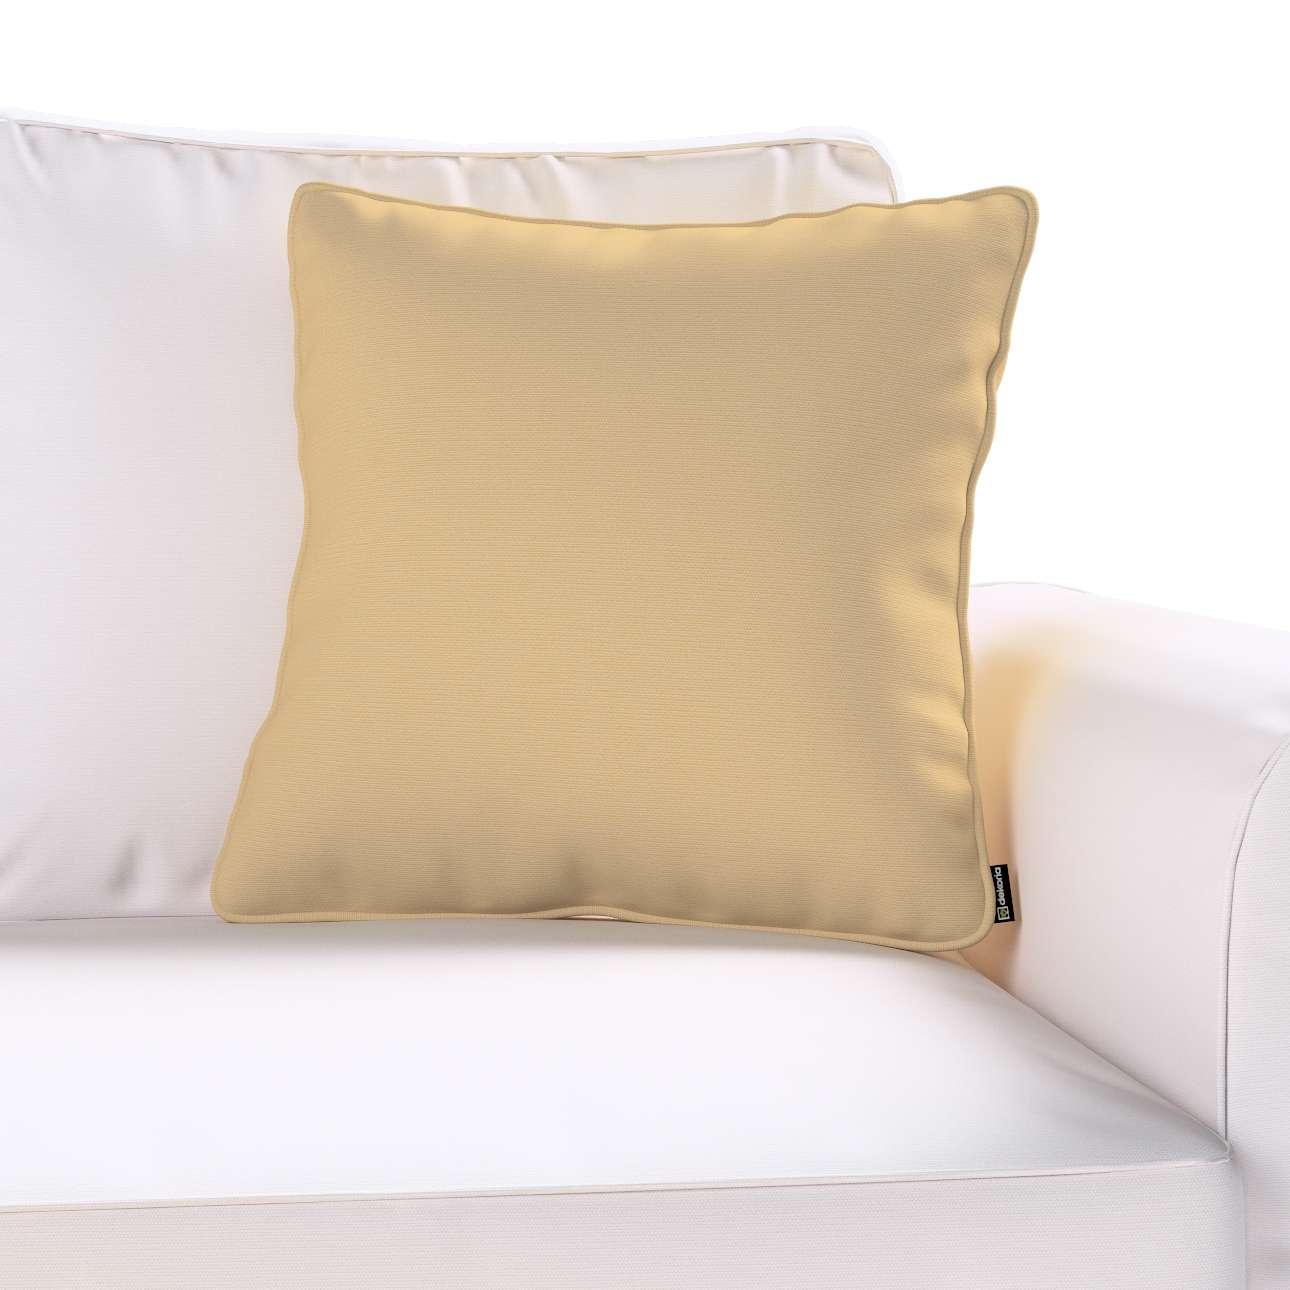 Poszewka Gabi na poduszkę 45 x 45 cm w kolekcji Cotton Panama, tkanina: 702-01